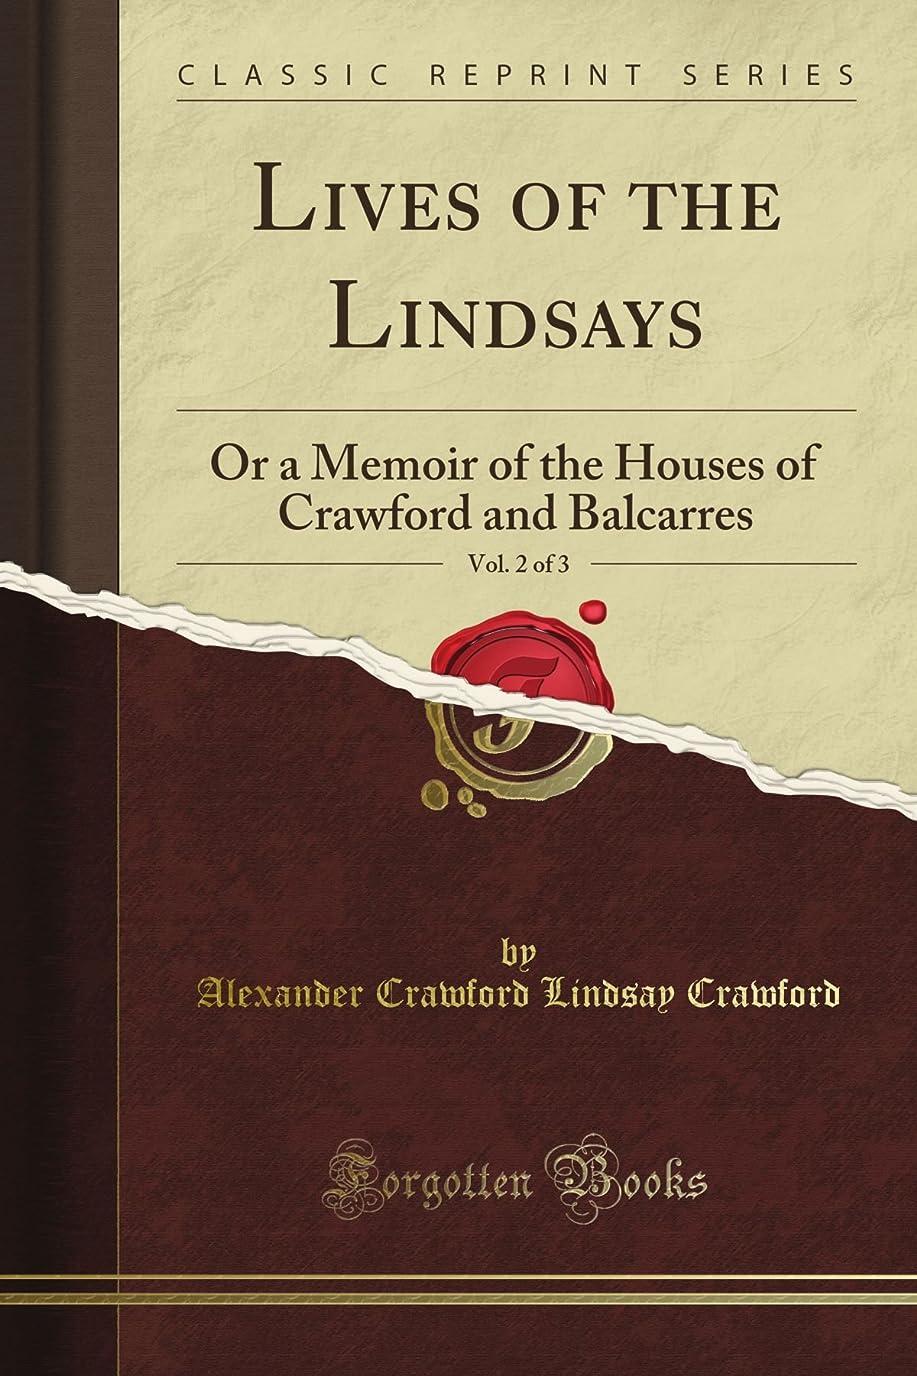 まもなくタバコチロLives of the Lindsays: Or a Memoir of the Houses of Crawford and Balcarres, Vol. 2 of 3 (Classic Reprint)